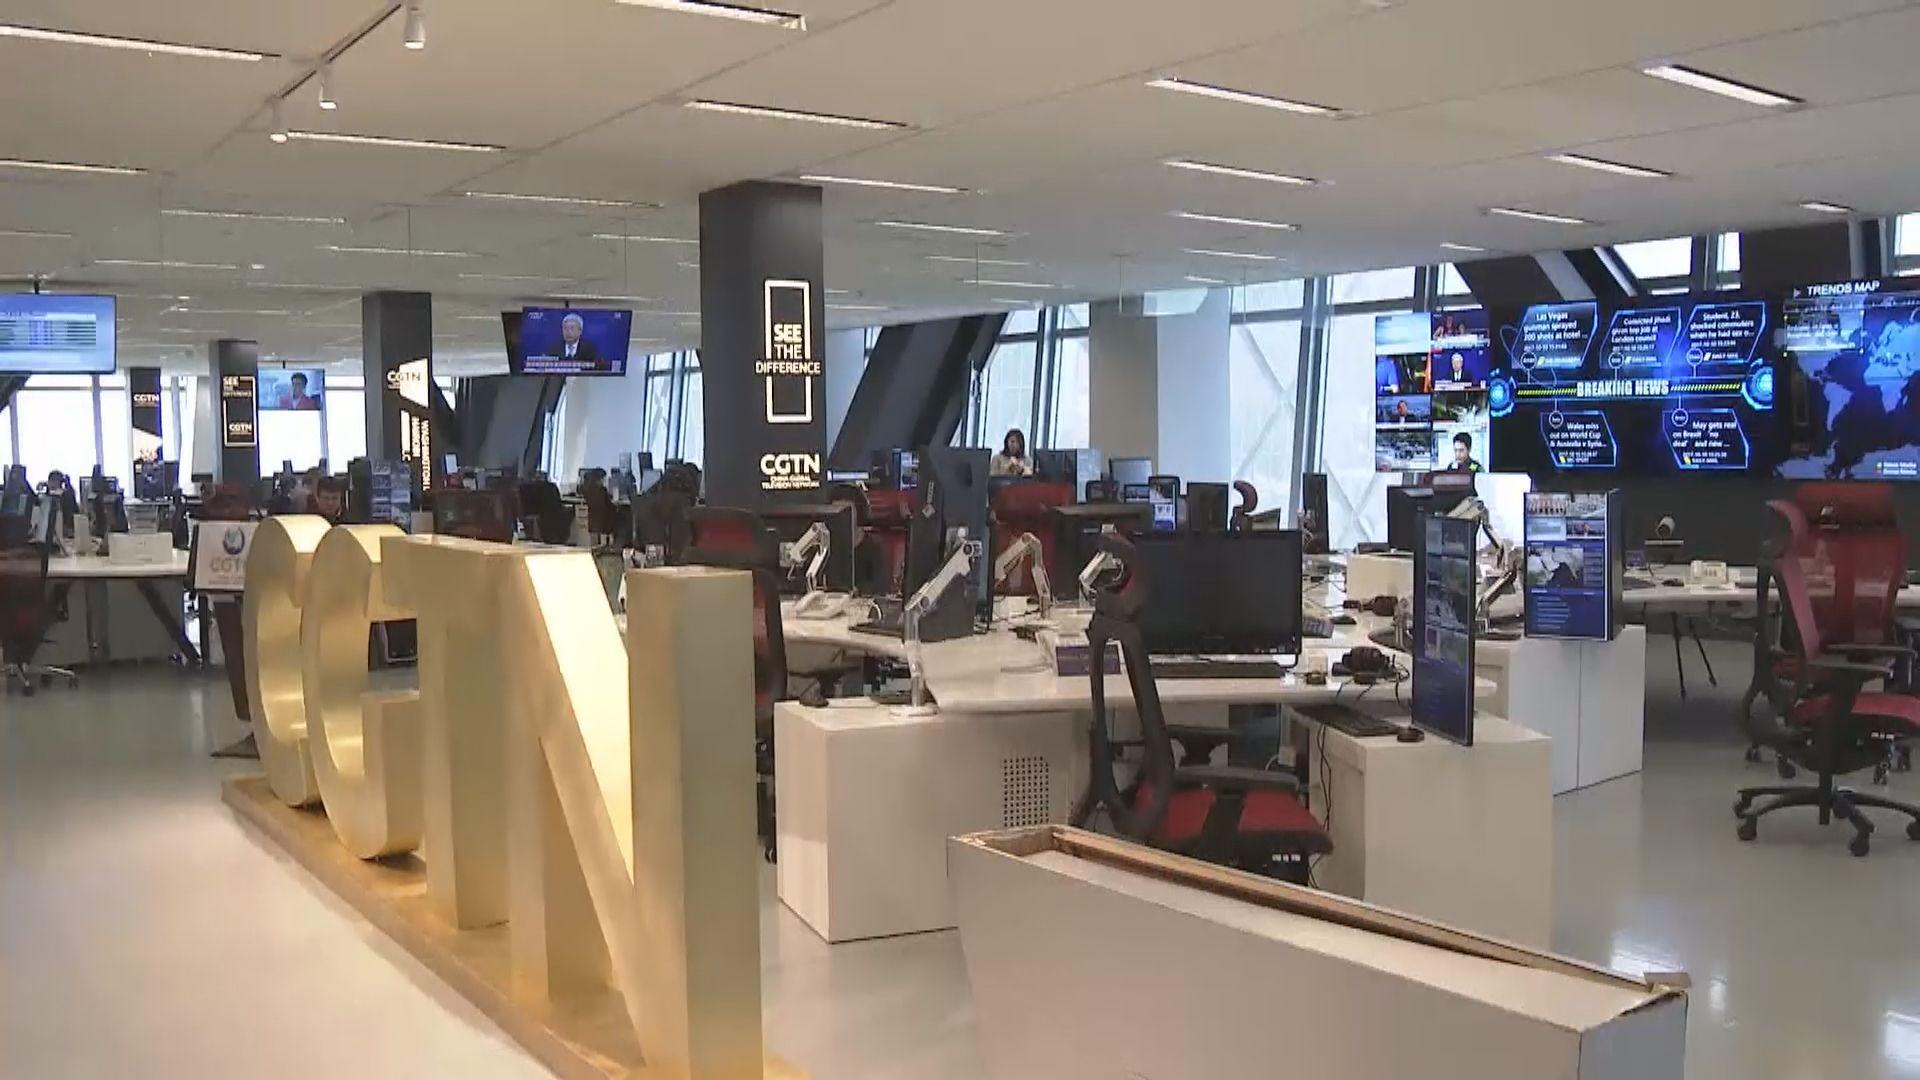 共享牌照下 中國環球電視網失英國廣播權致德國亦停播